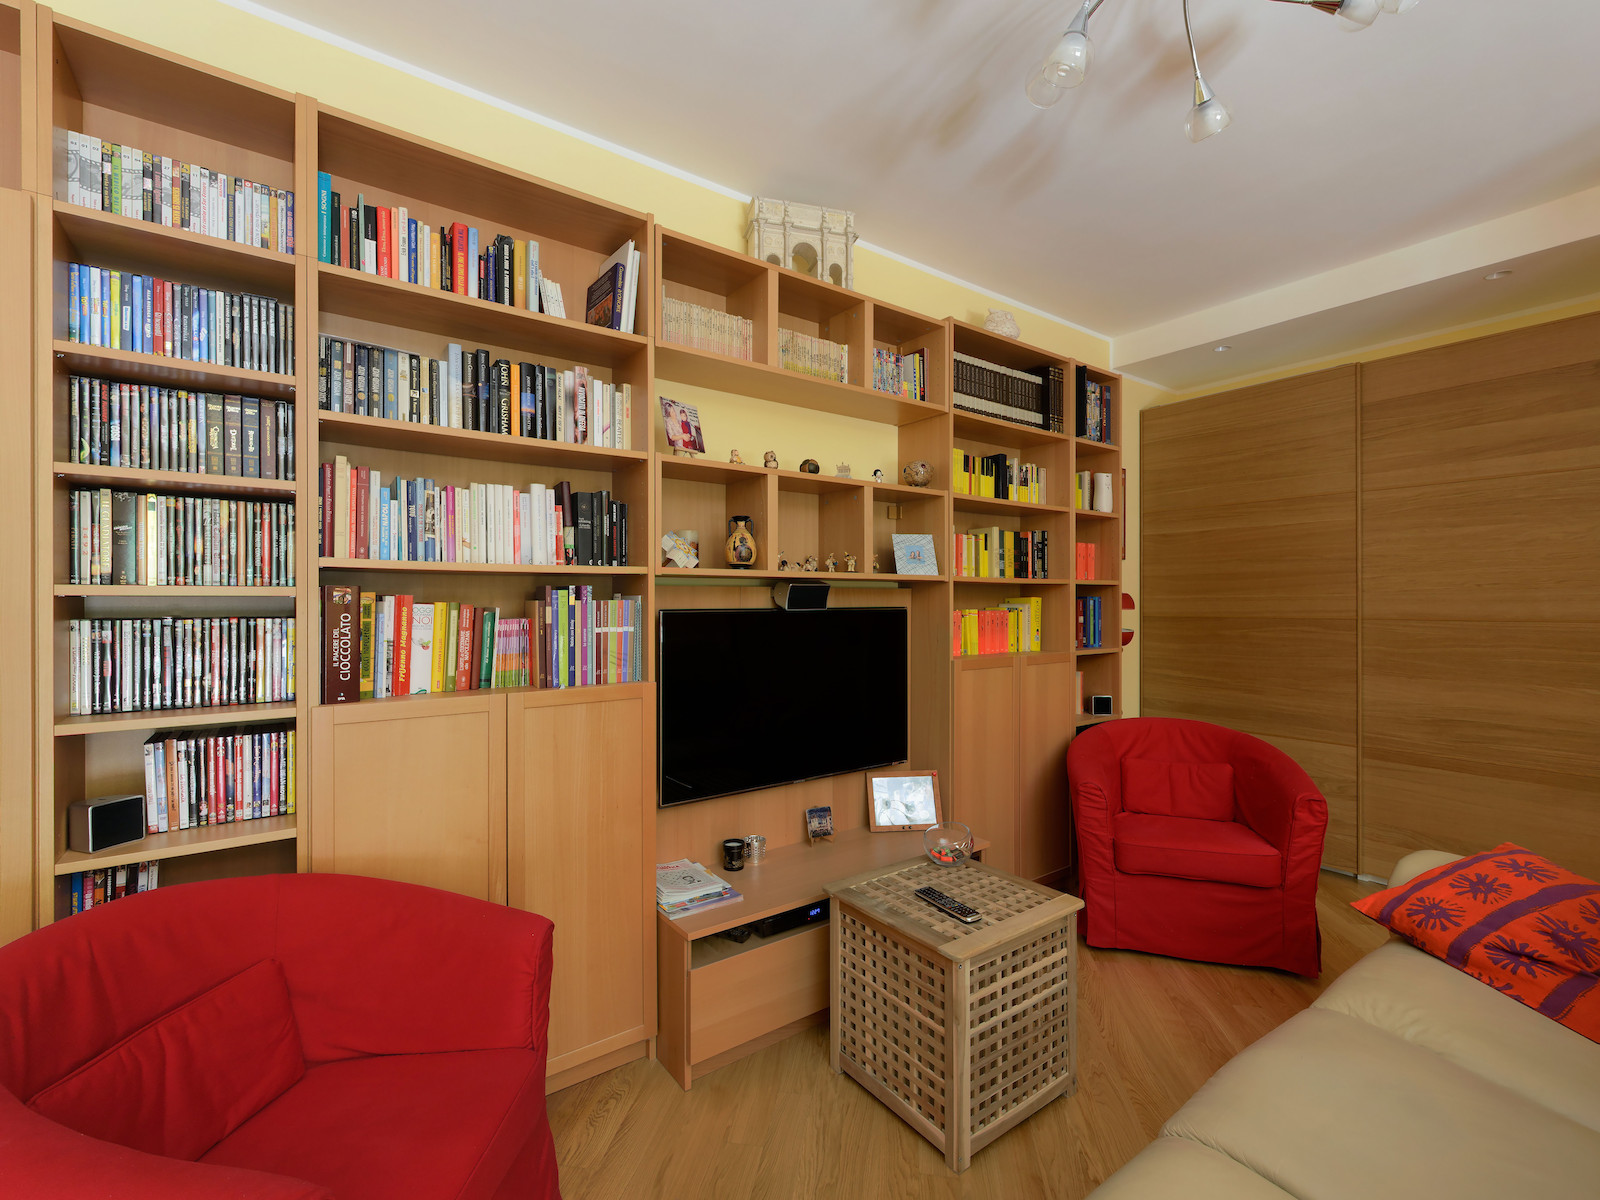 Appartamento in affitto a Folignano, 9 locali, zona Località: VillaPigna, prezzo € 190.000 | Cambio Casa.it